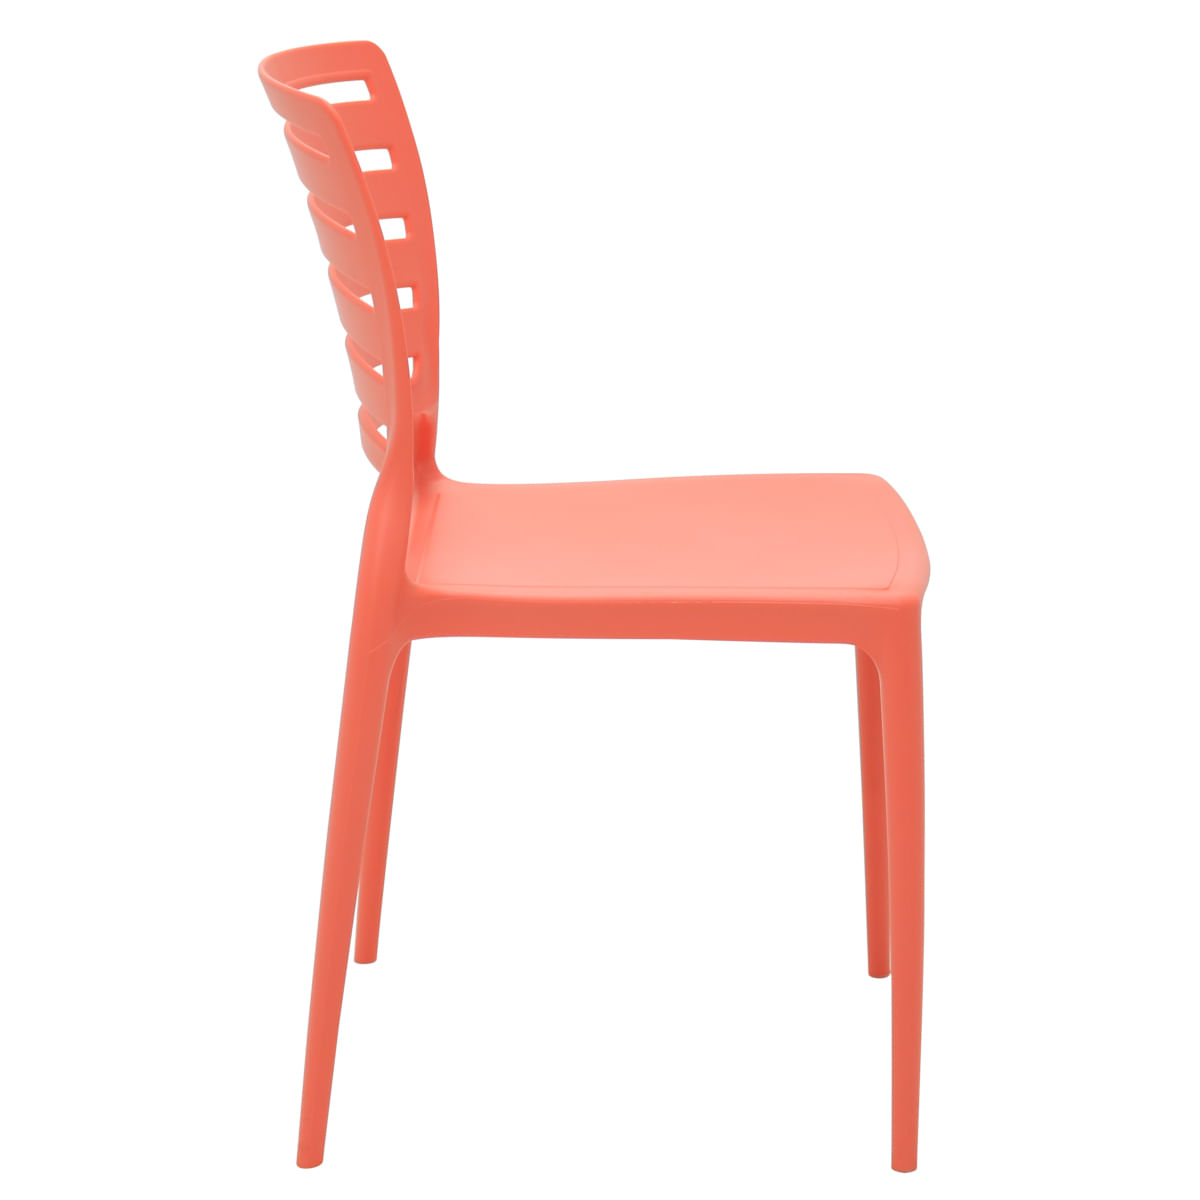 Cadeira Tramontina Sofia Rosa Coral Encosto Horizontal em Polipropileno e Fibra de Vidro